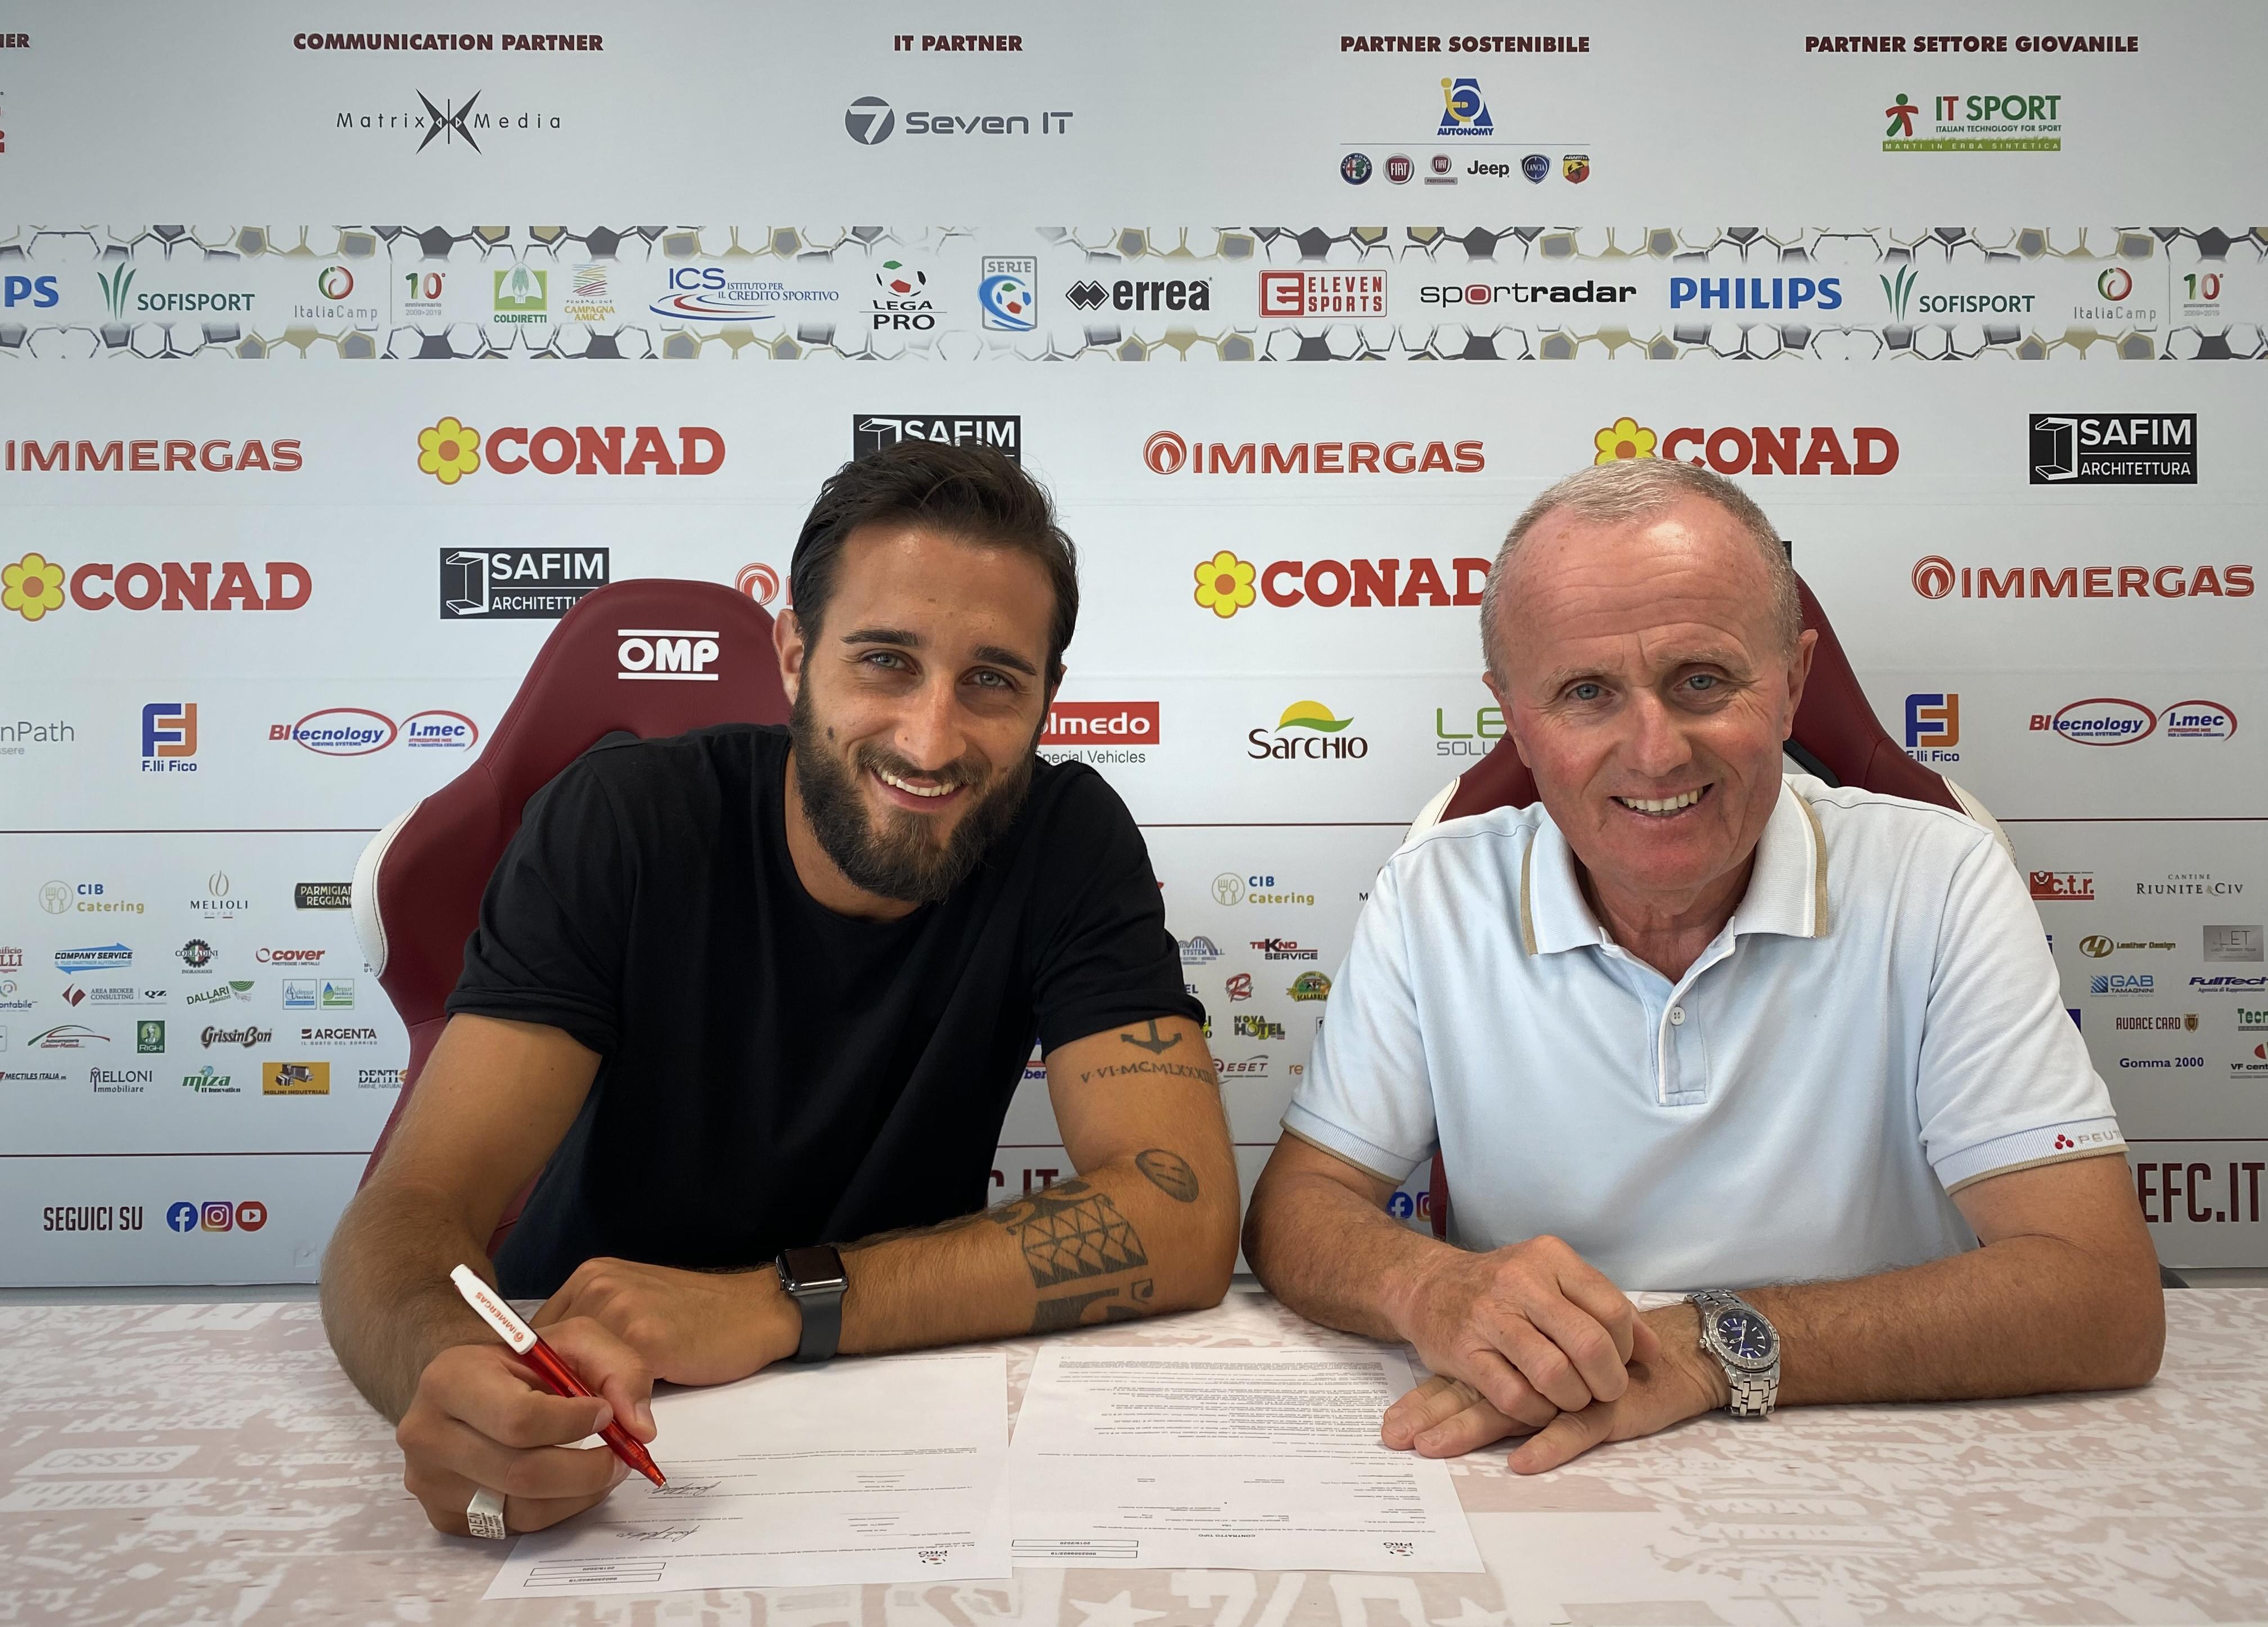 Paolo Rozzio prolunga il contratto con la Reggiana